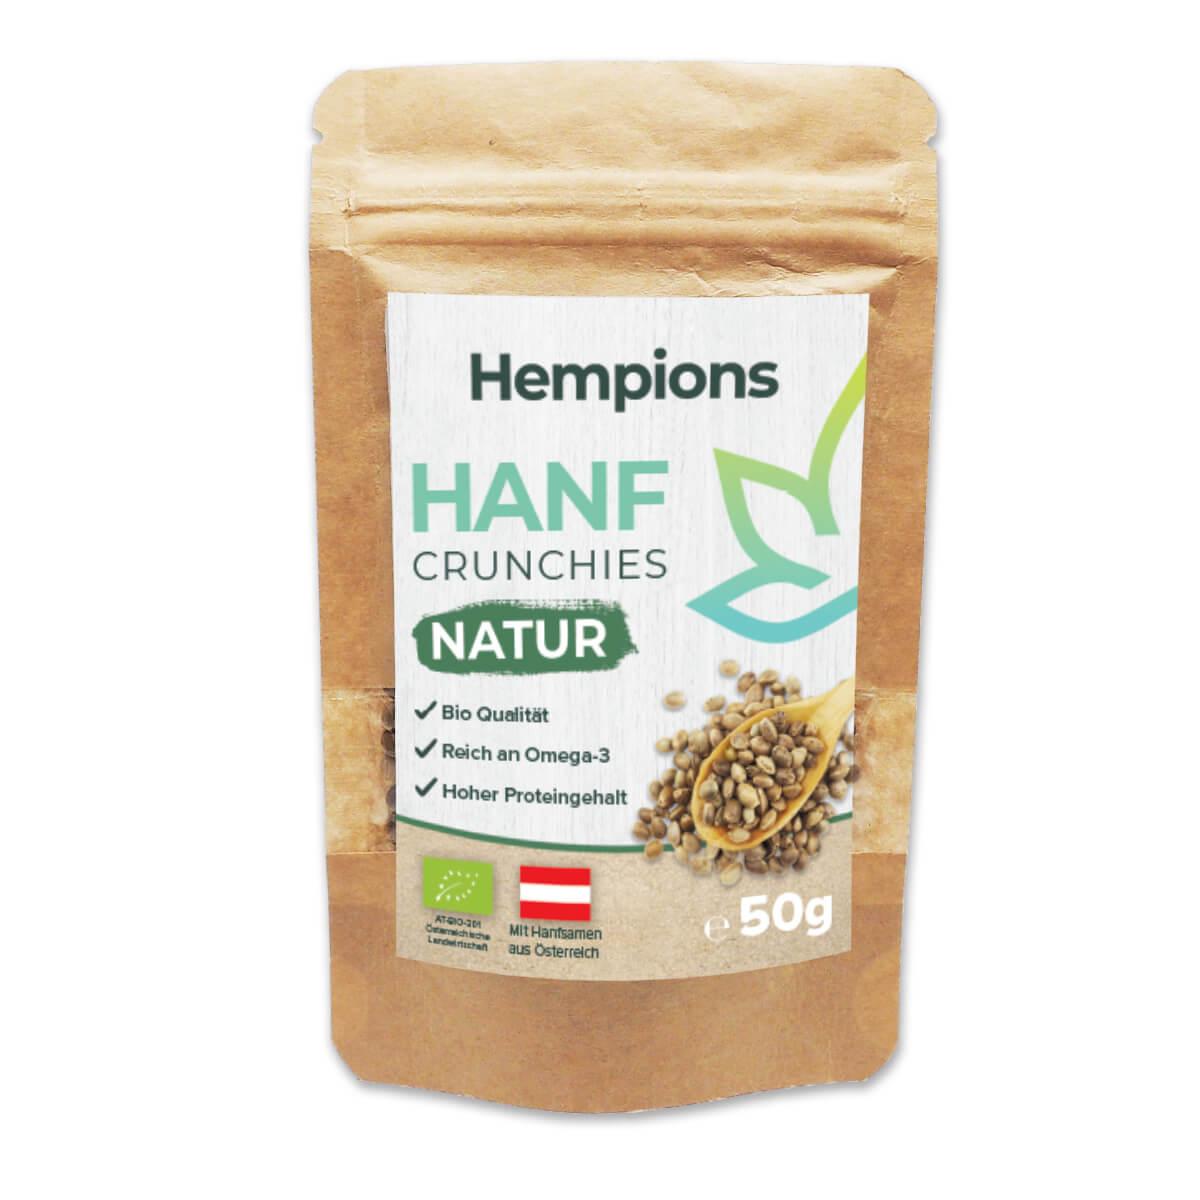 Bio Hanf Crunchies Natur 50g